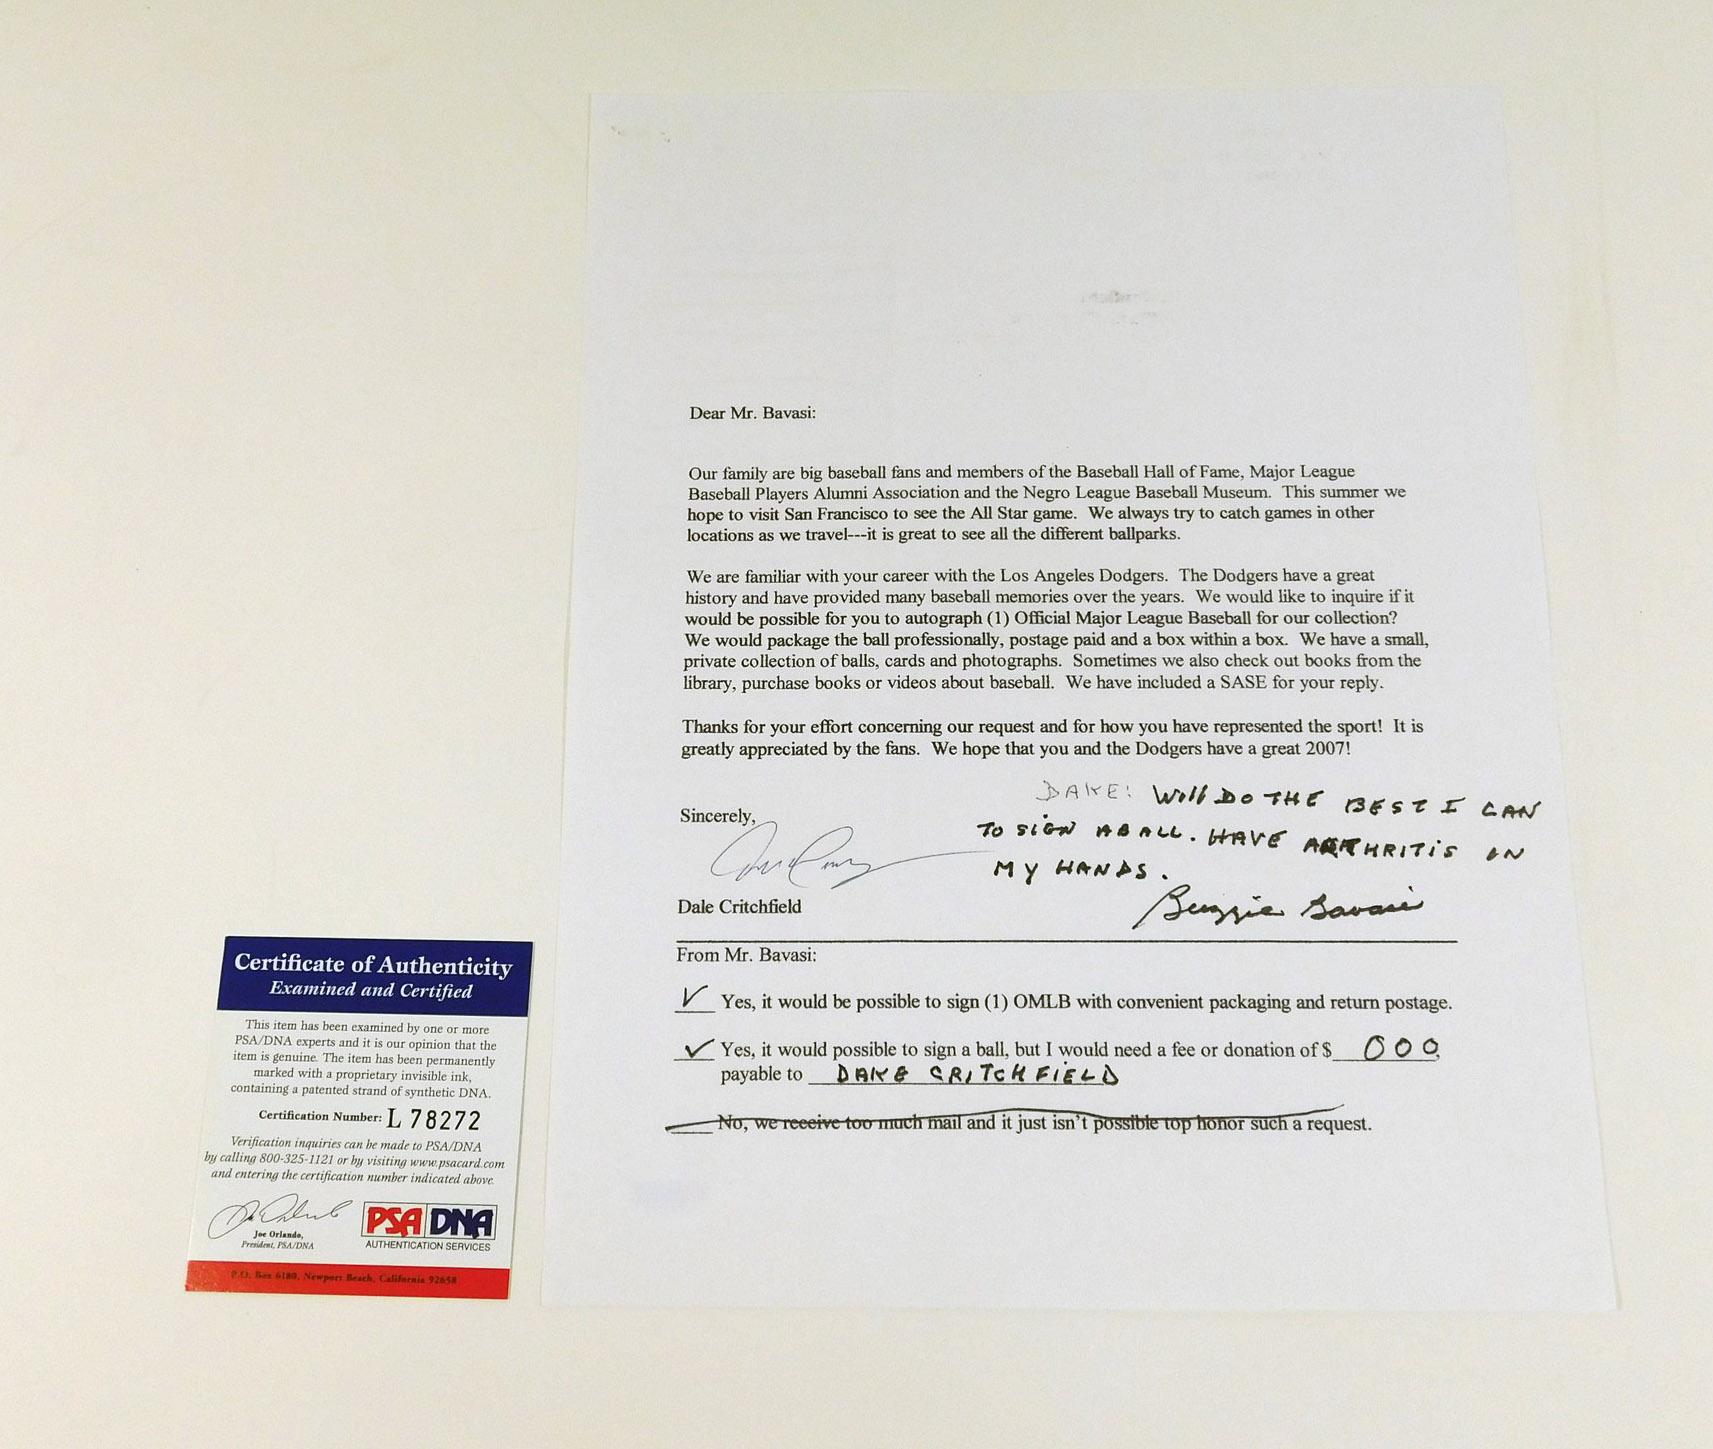 Buzzie Bavasi Signed Autograph Letter Request Dodgers Psa Dna Auto